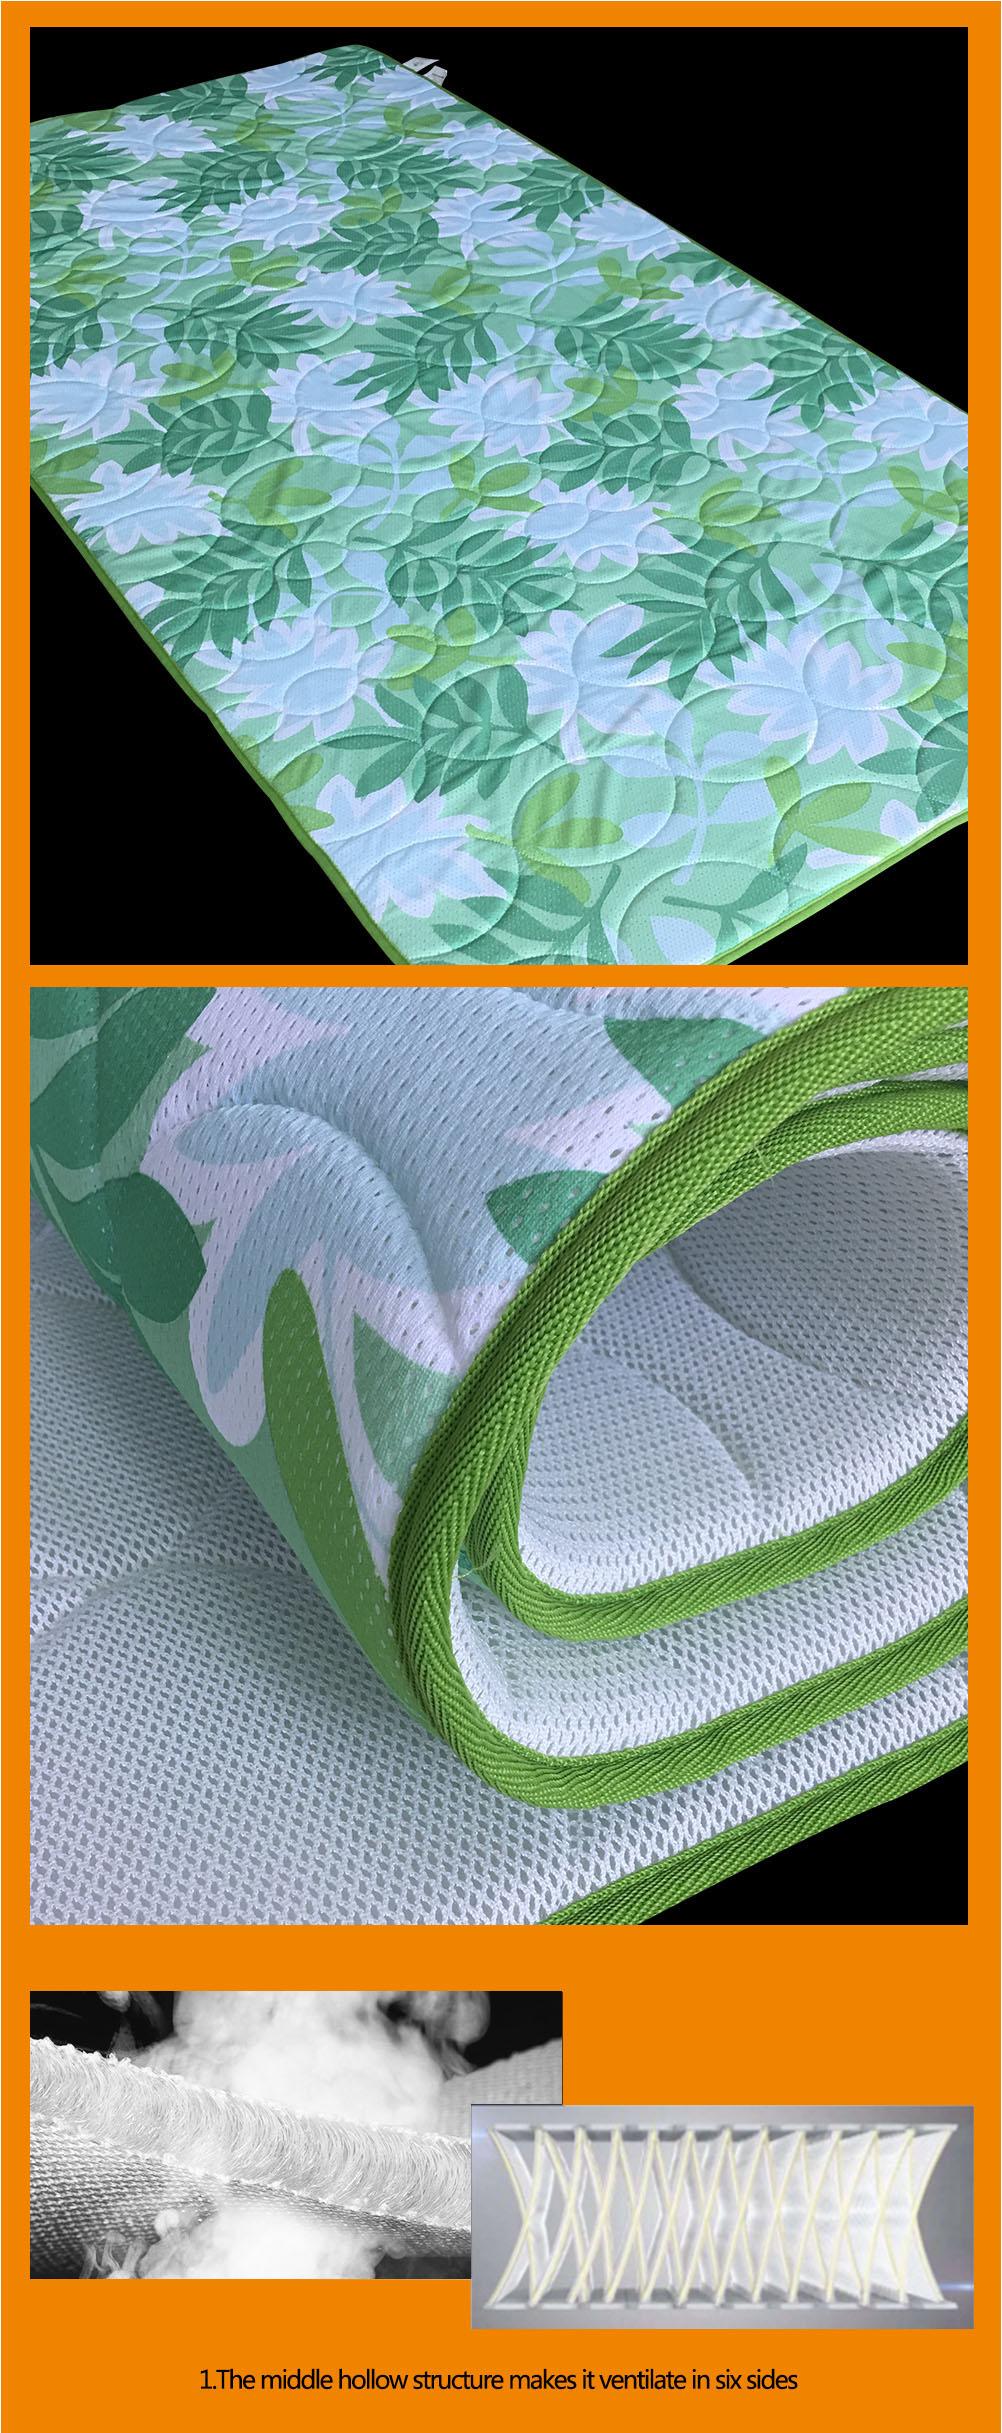 Wellcool comfortable green leaves 3d air mesh mattress topper/mesh mattress protector